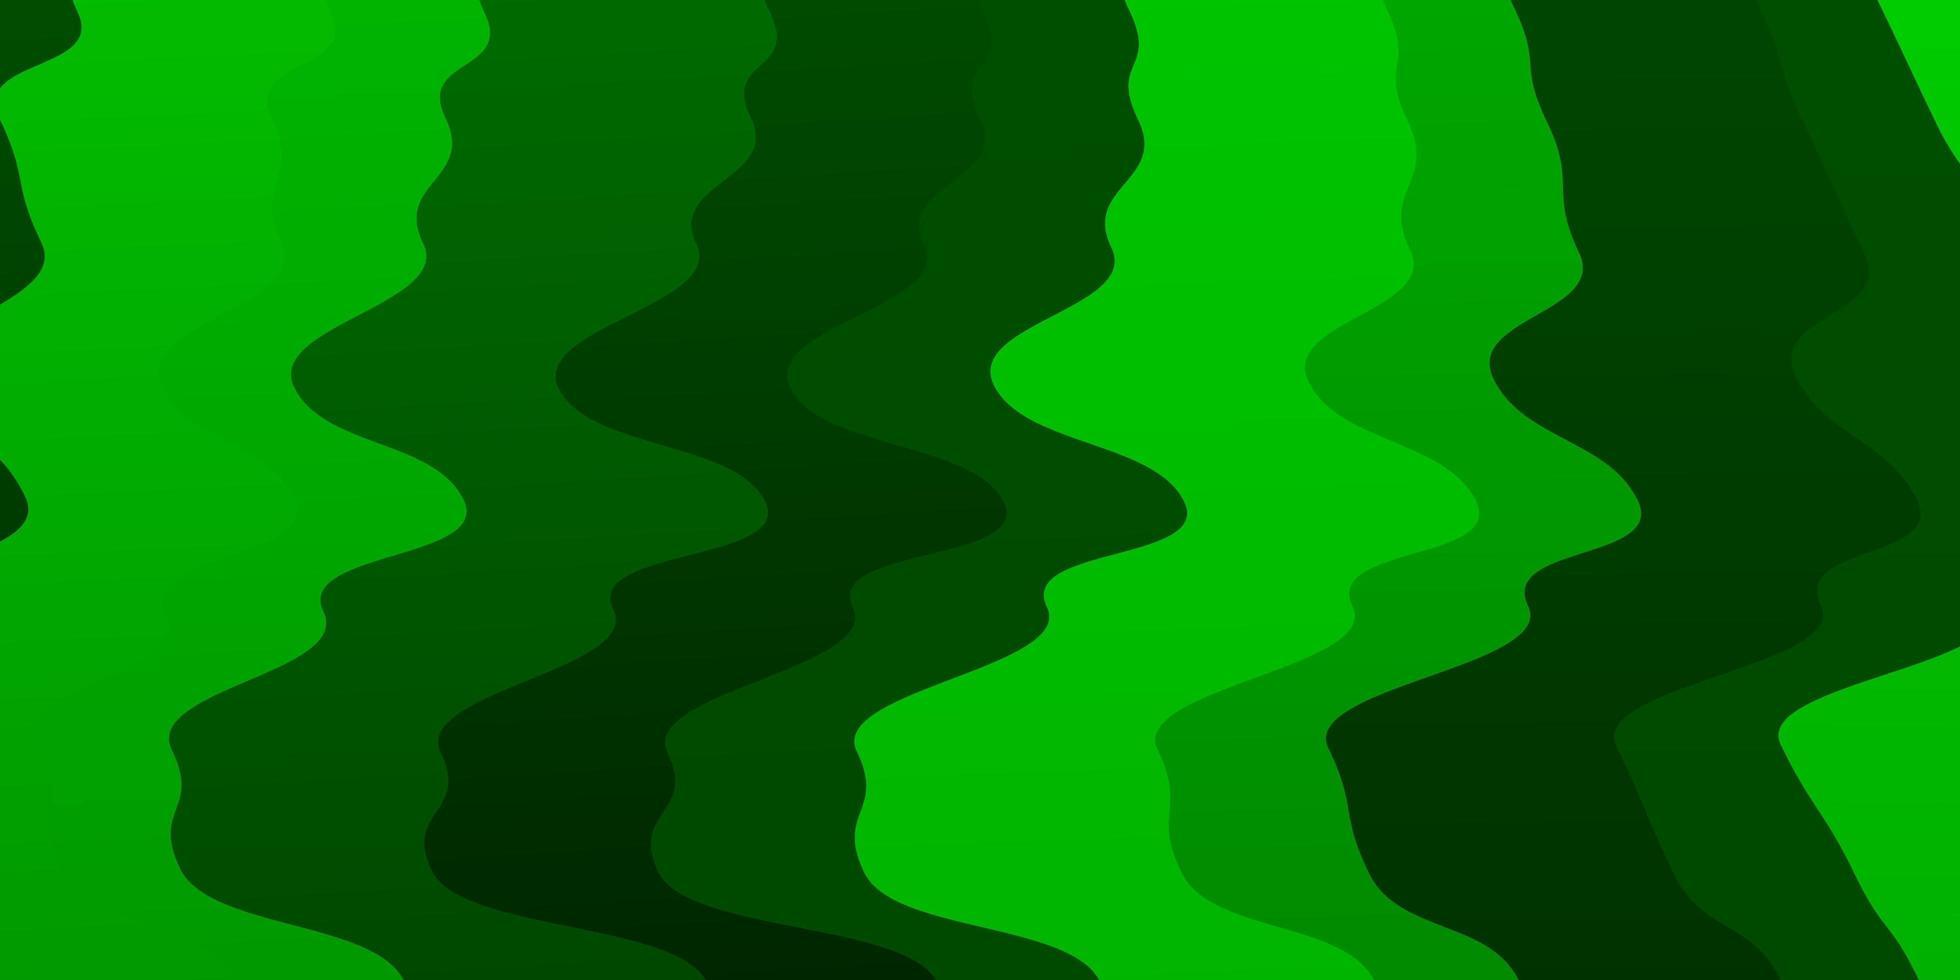 ljusgrönt vektormönster med sneda linjer. vektor